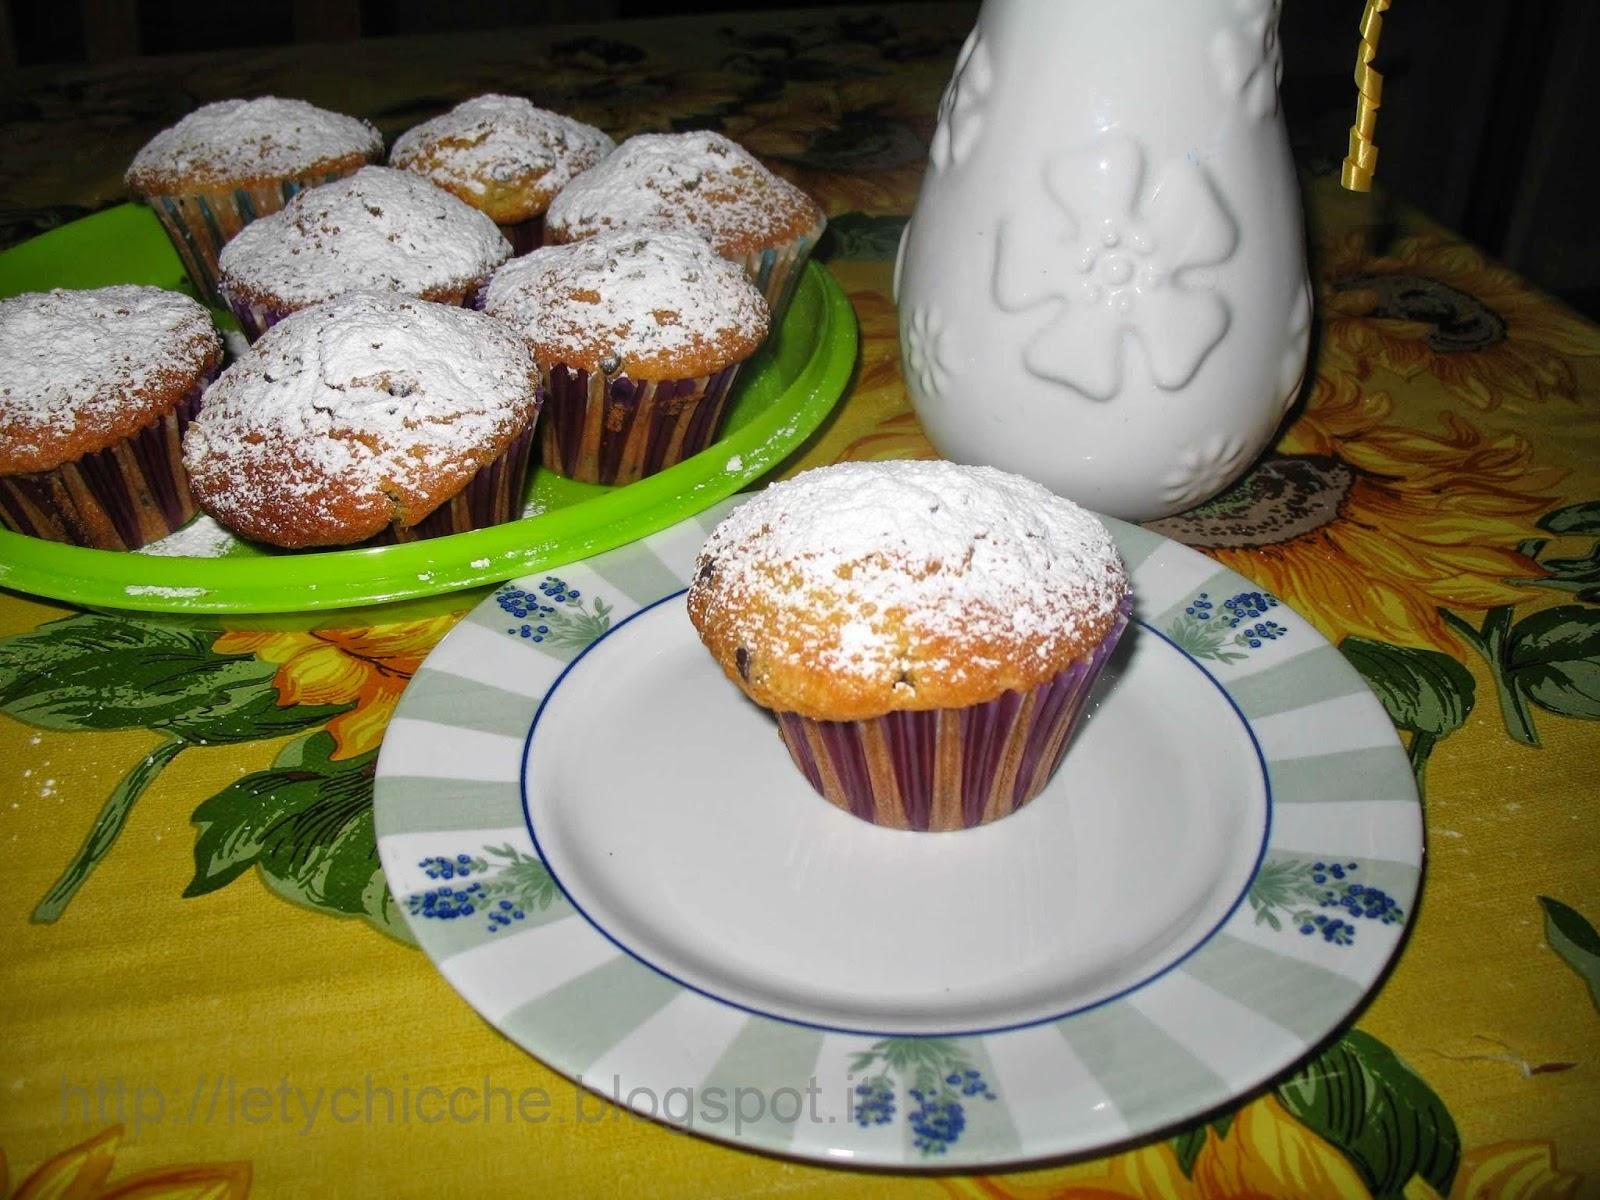 Muffin con gocce di cioccolato - Letychicche